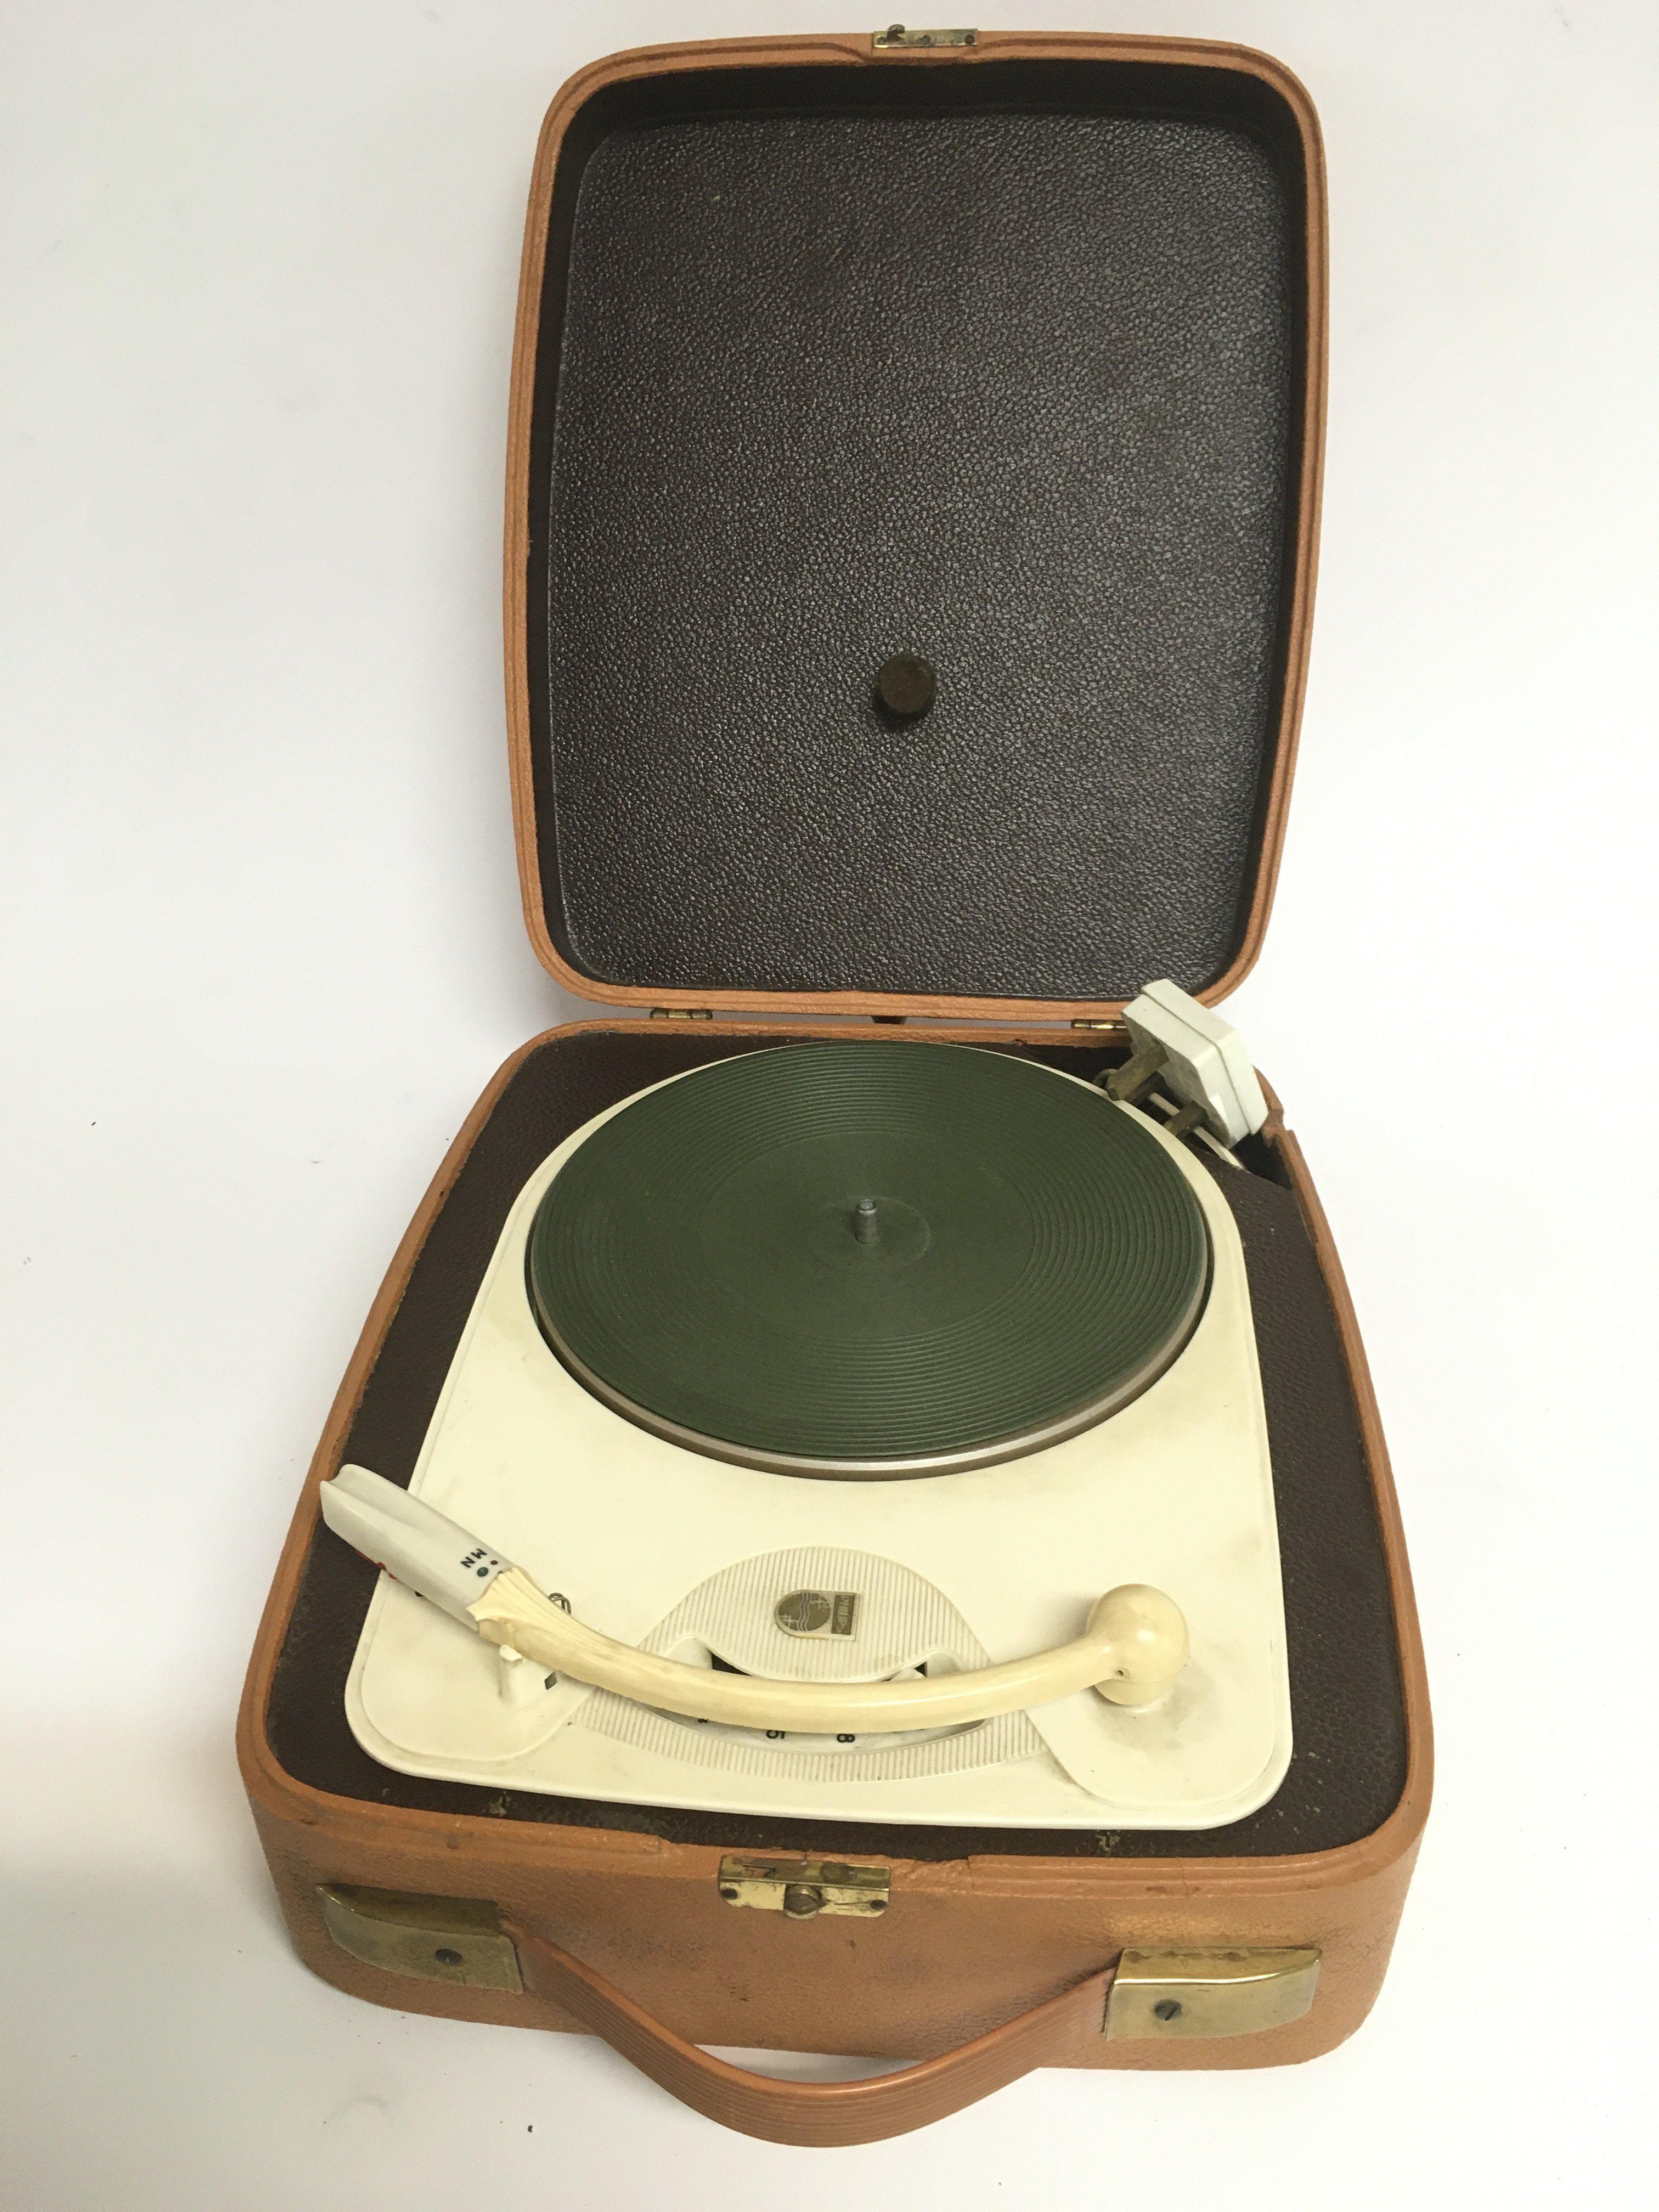 A circa 1950s Philips single play portable record